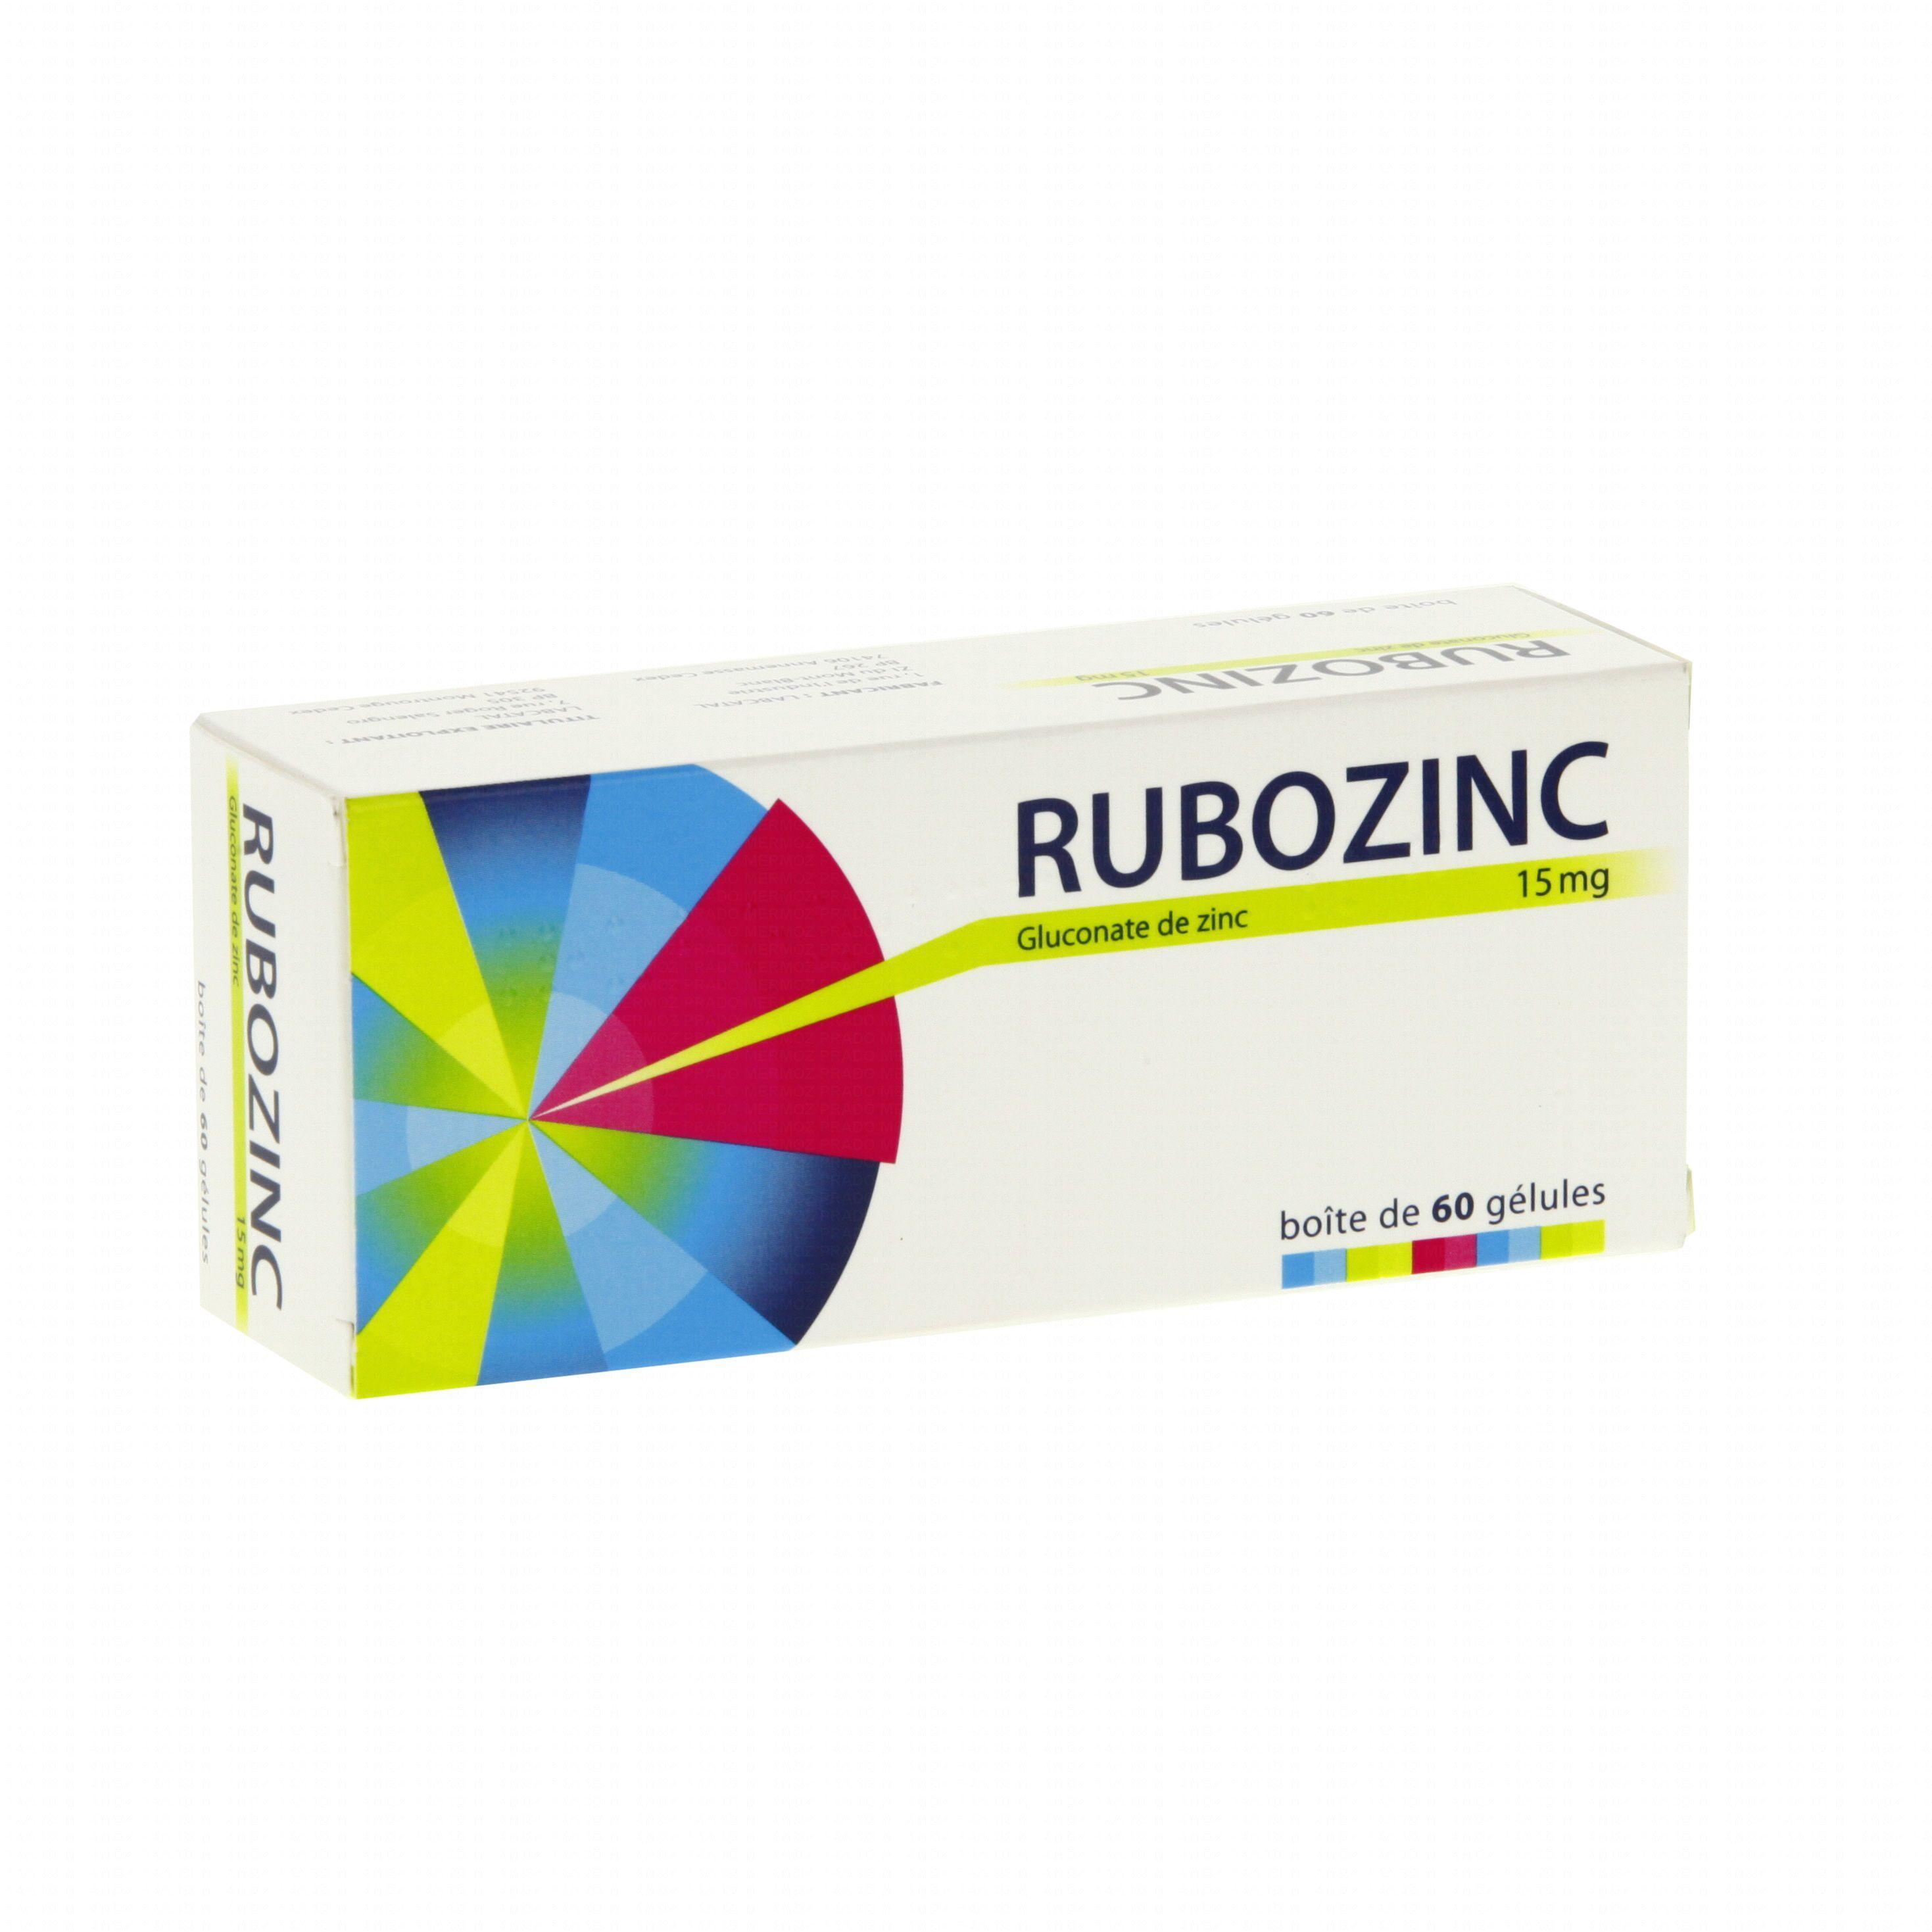 Rubozinc 15 mg boîte de 60 gélules Labcatal (médicament